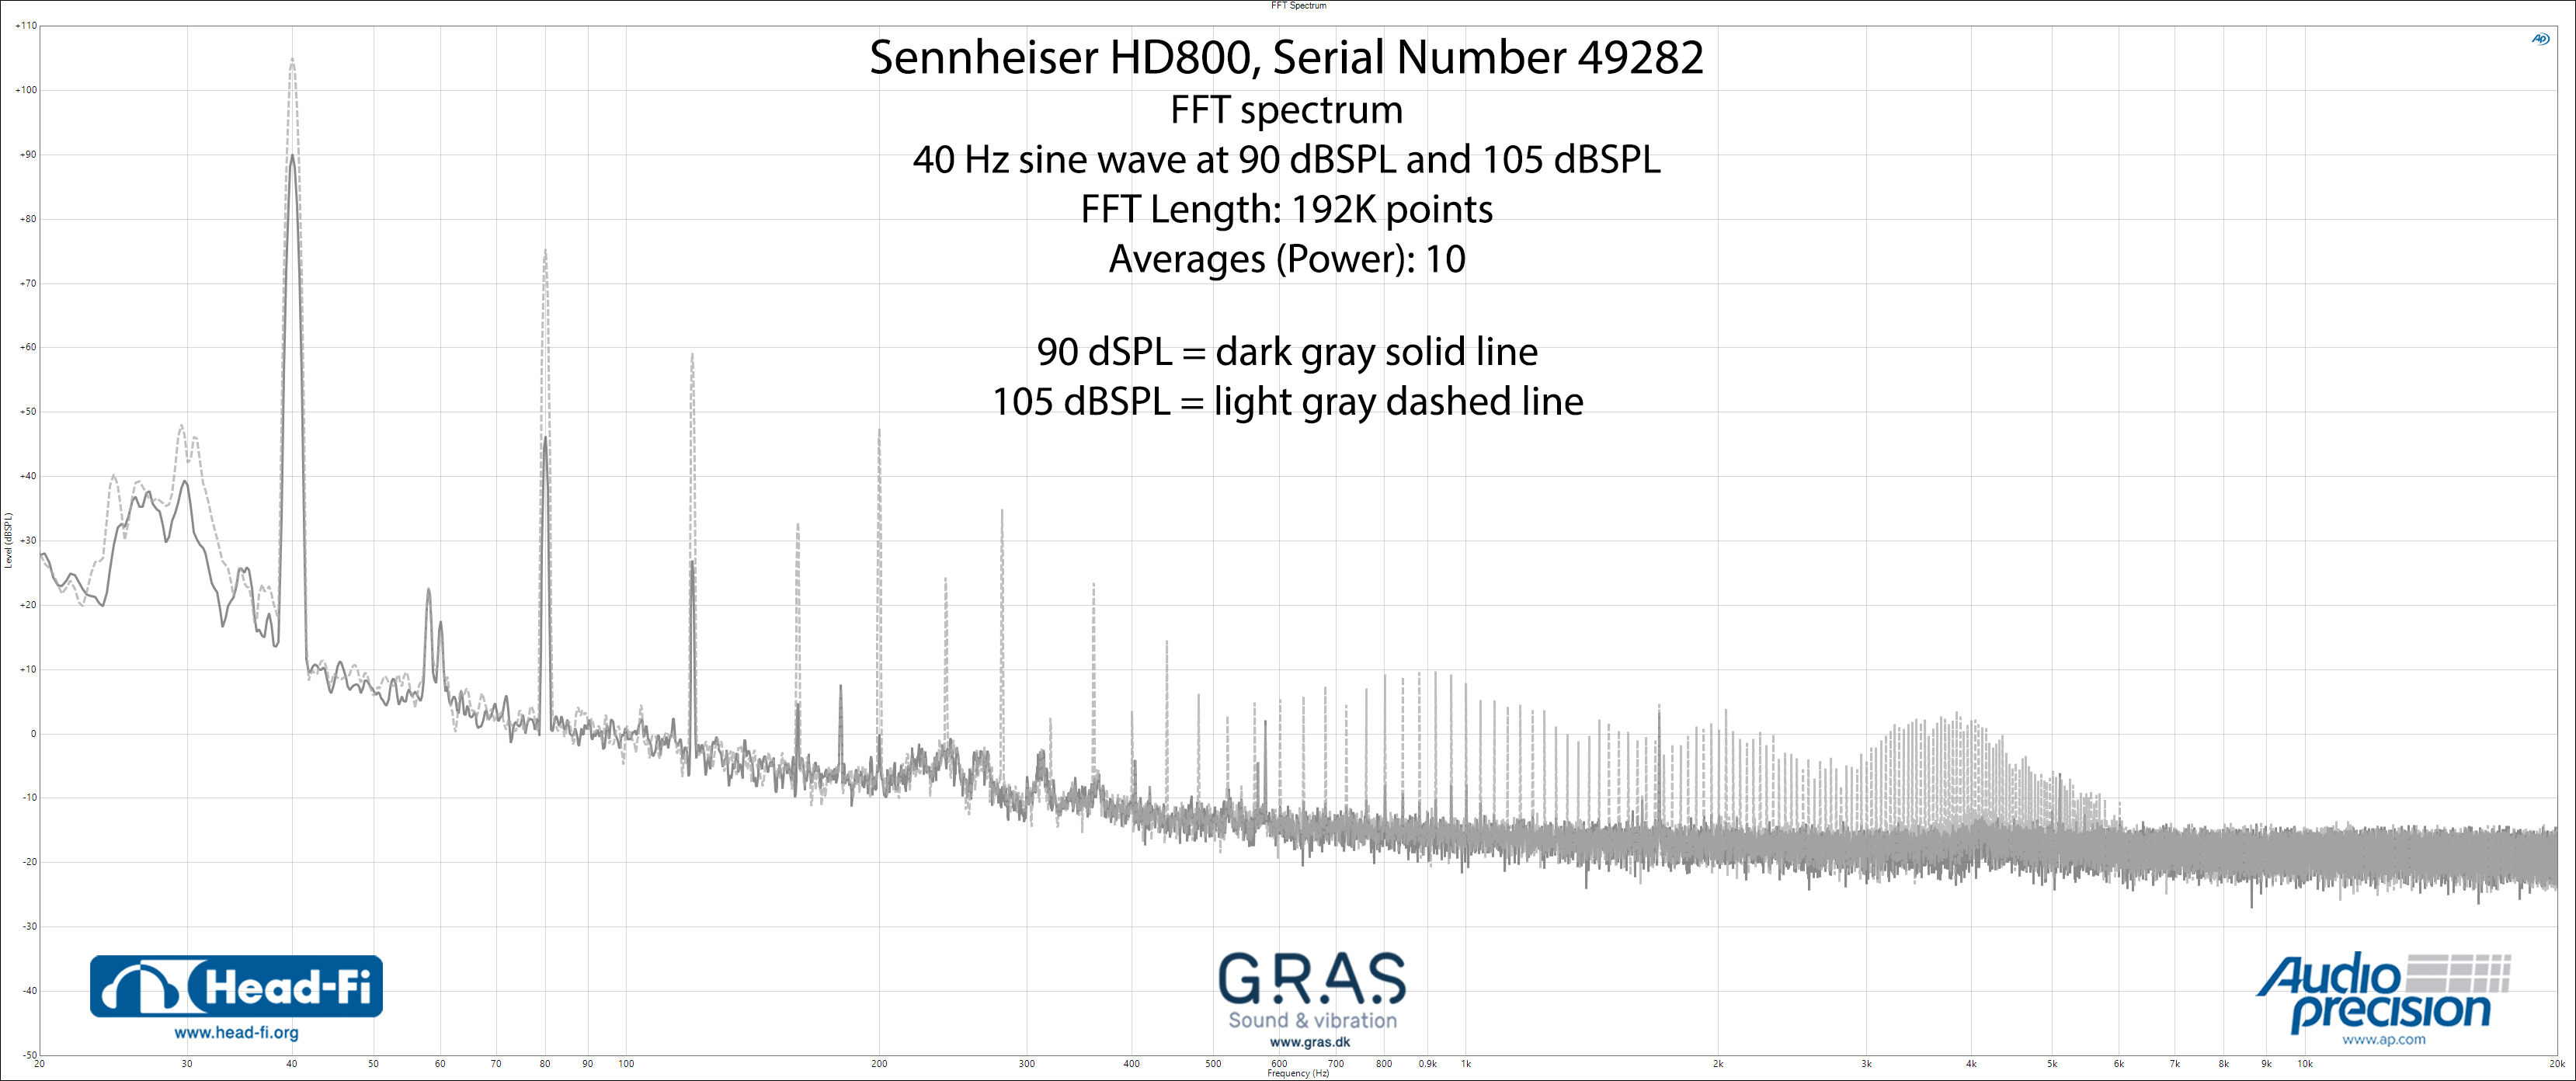 Sennheiser-HD800-SN-49282---FFT-90---FFT-105.jpg